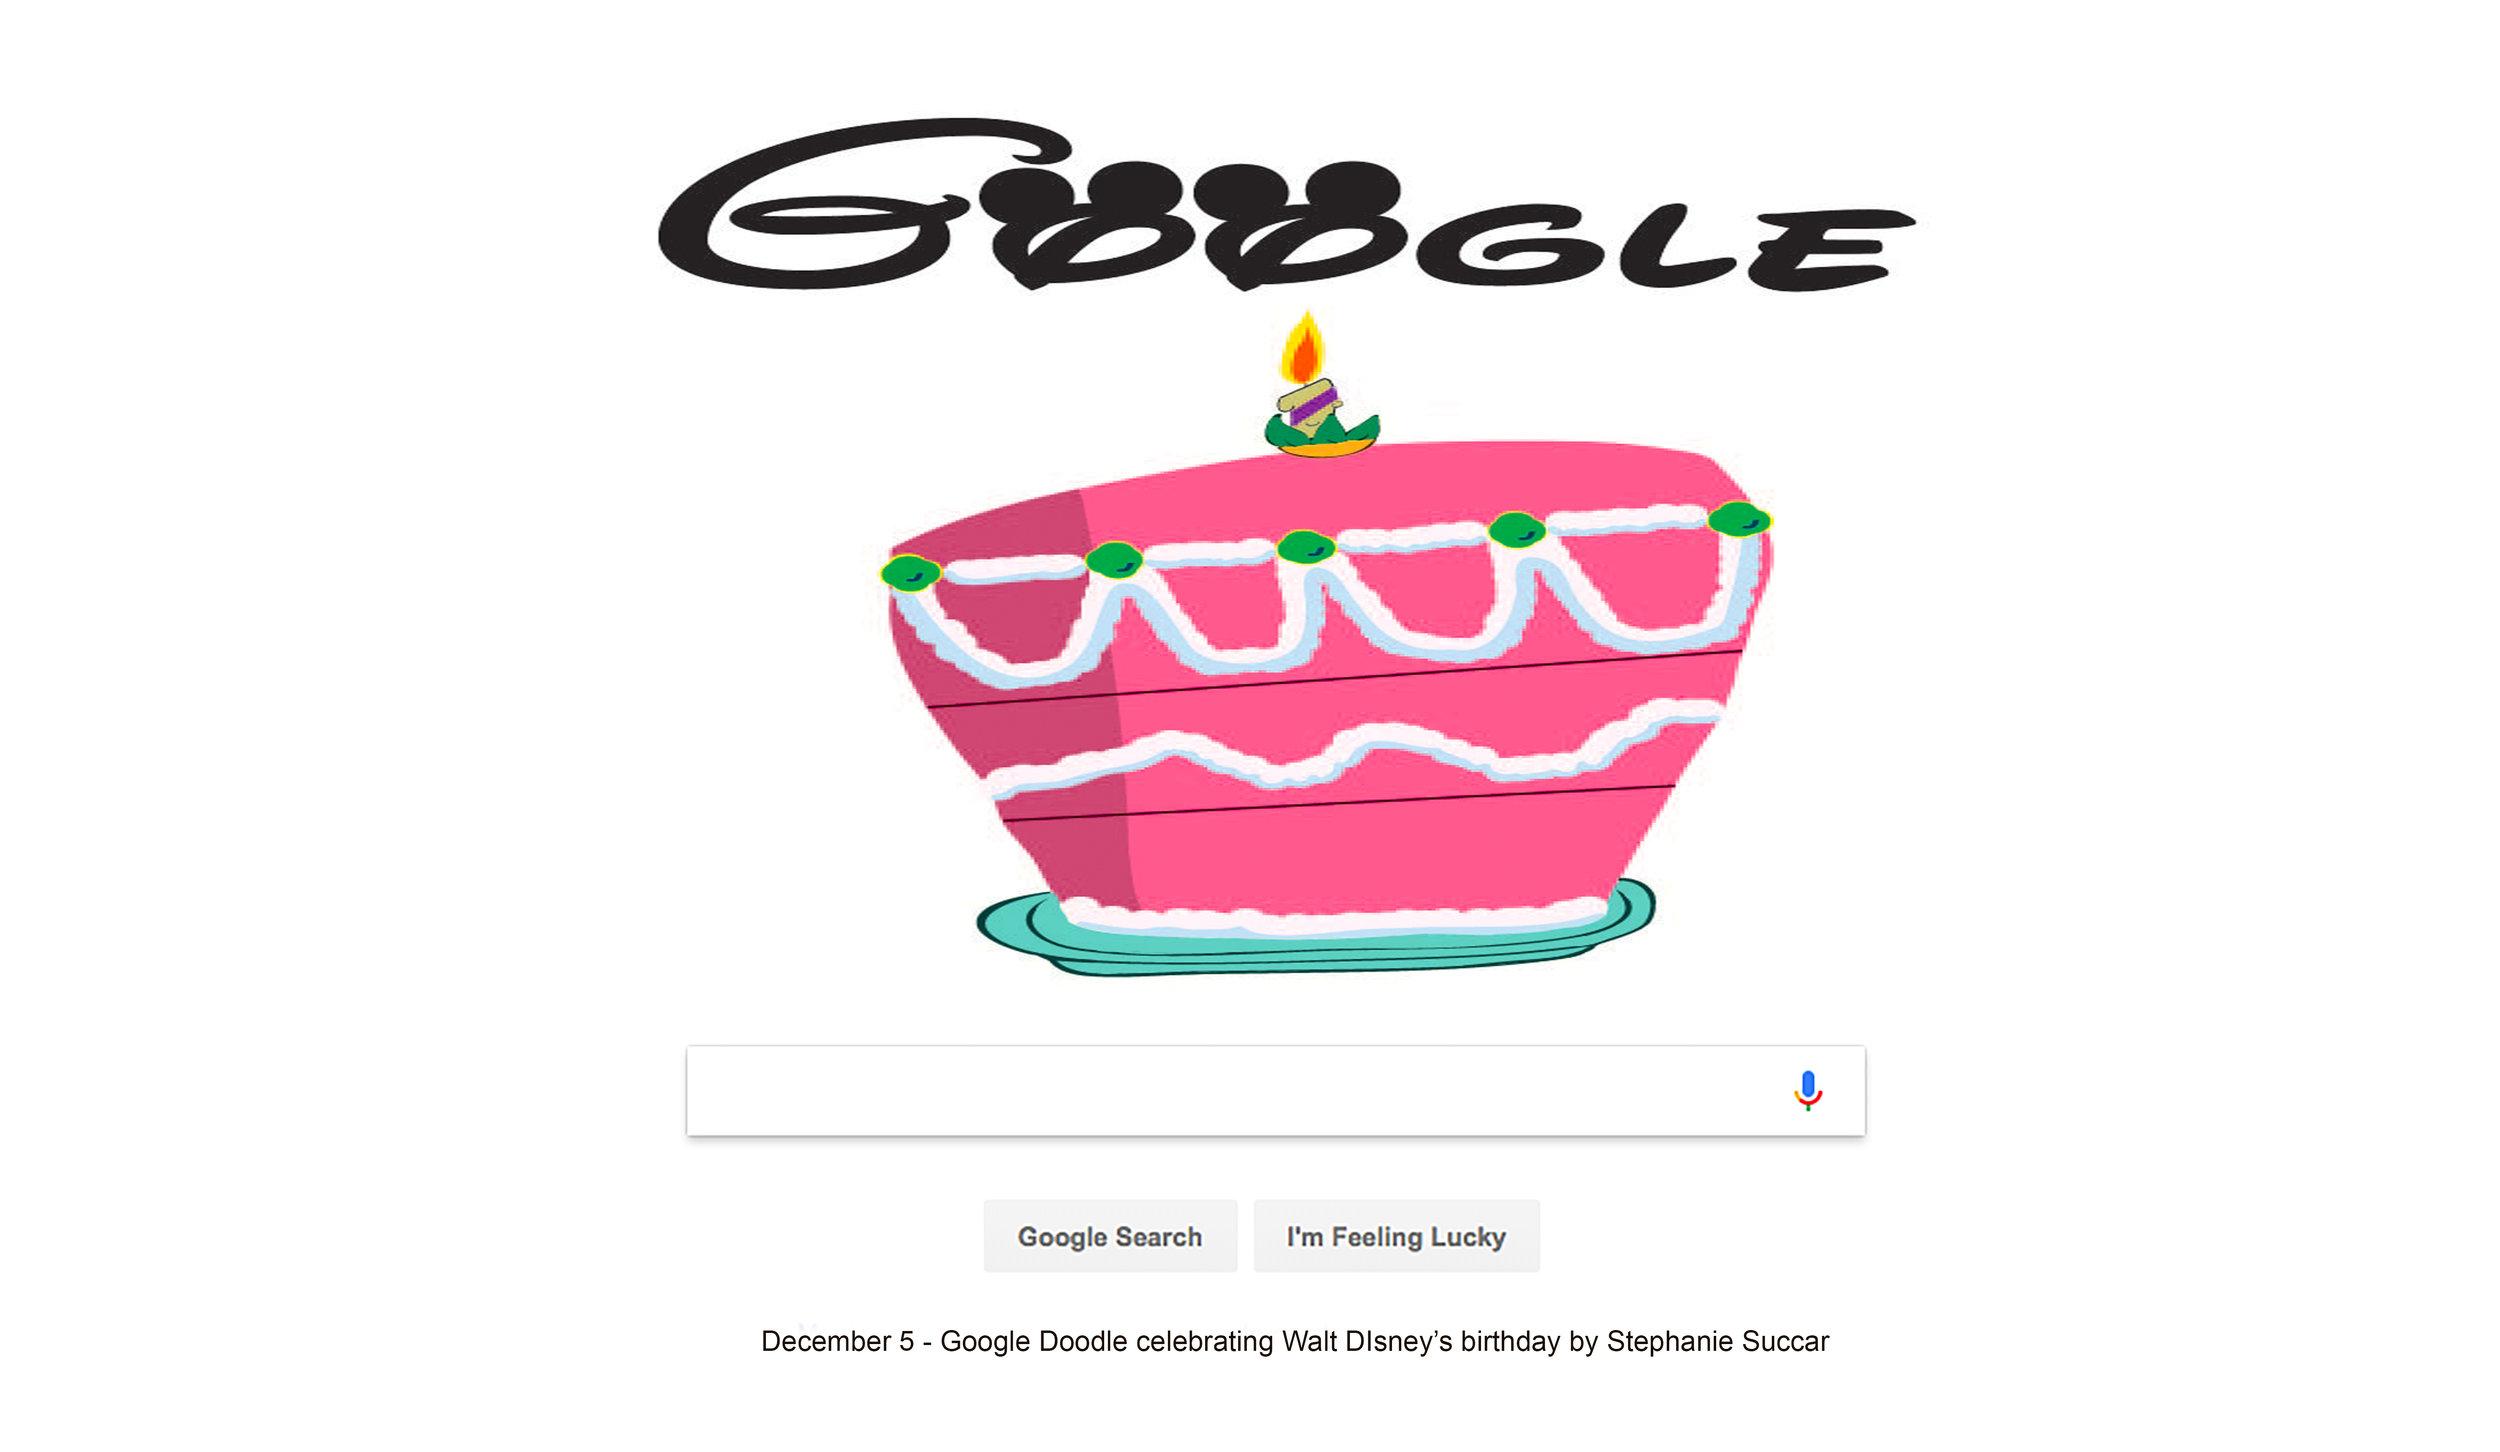 succarstephanie_late_5753502_125564732_google-doodle.jpg